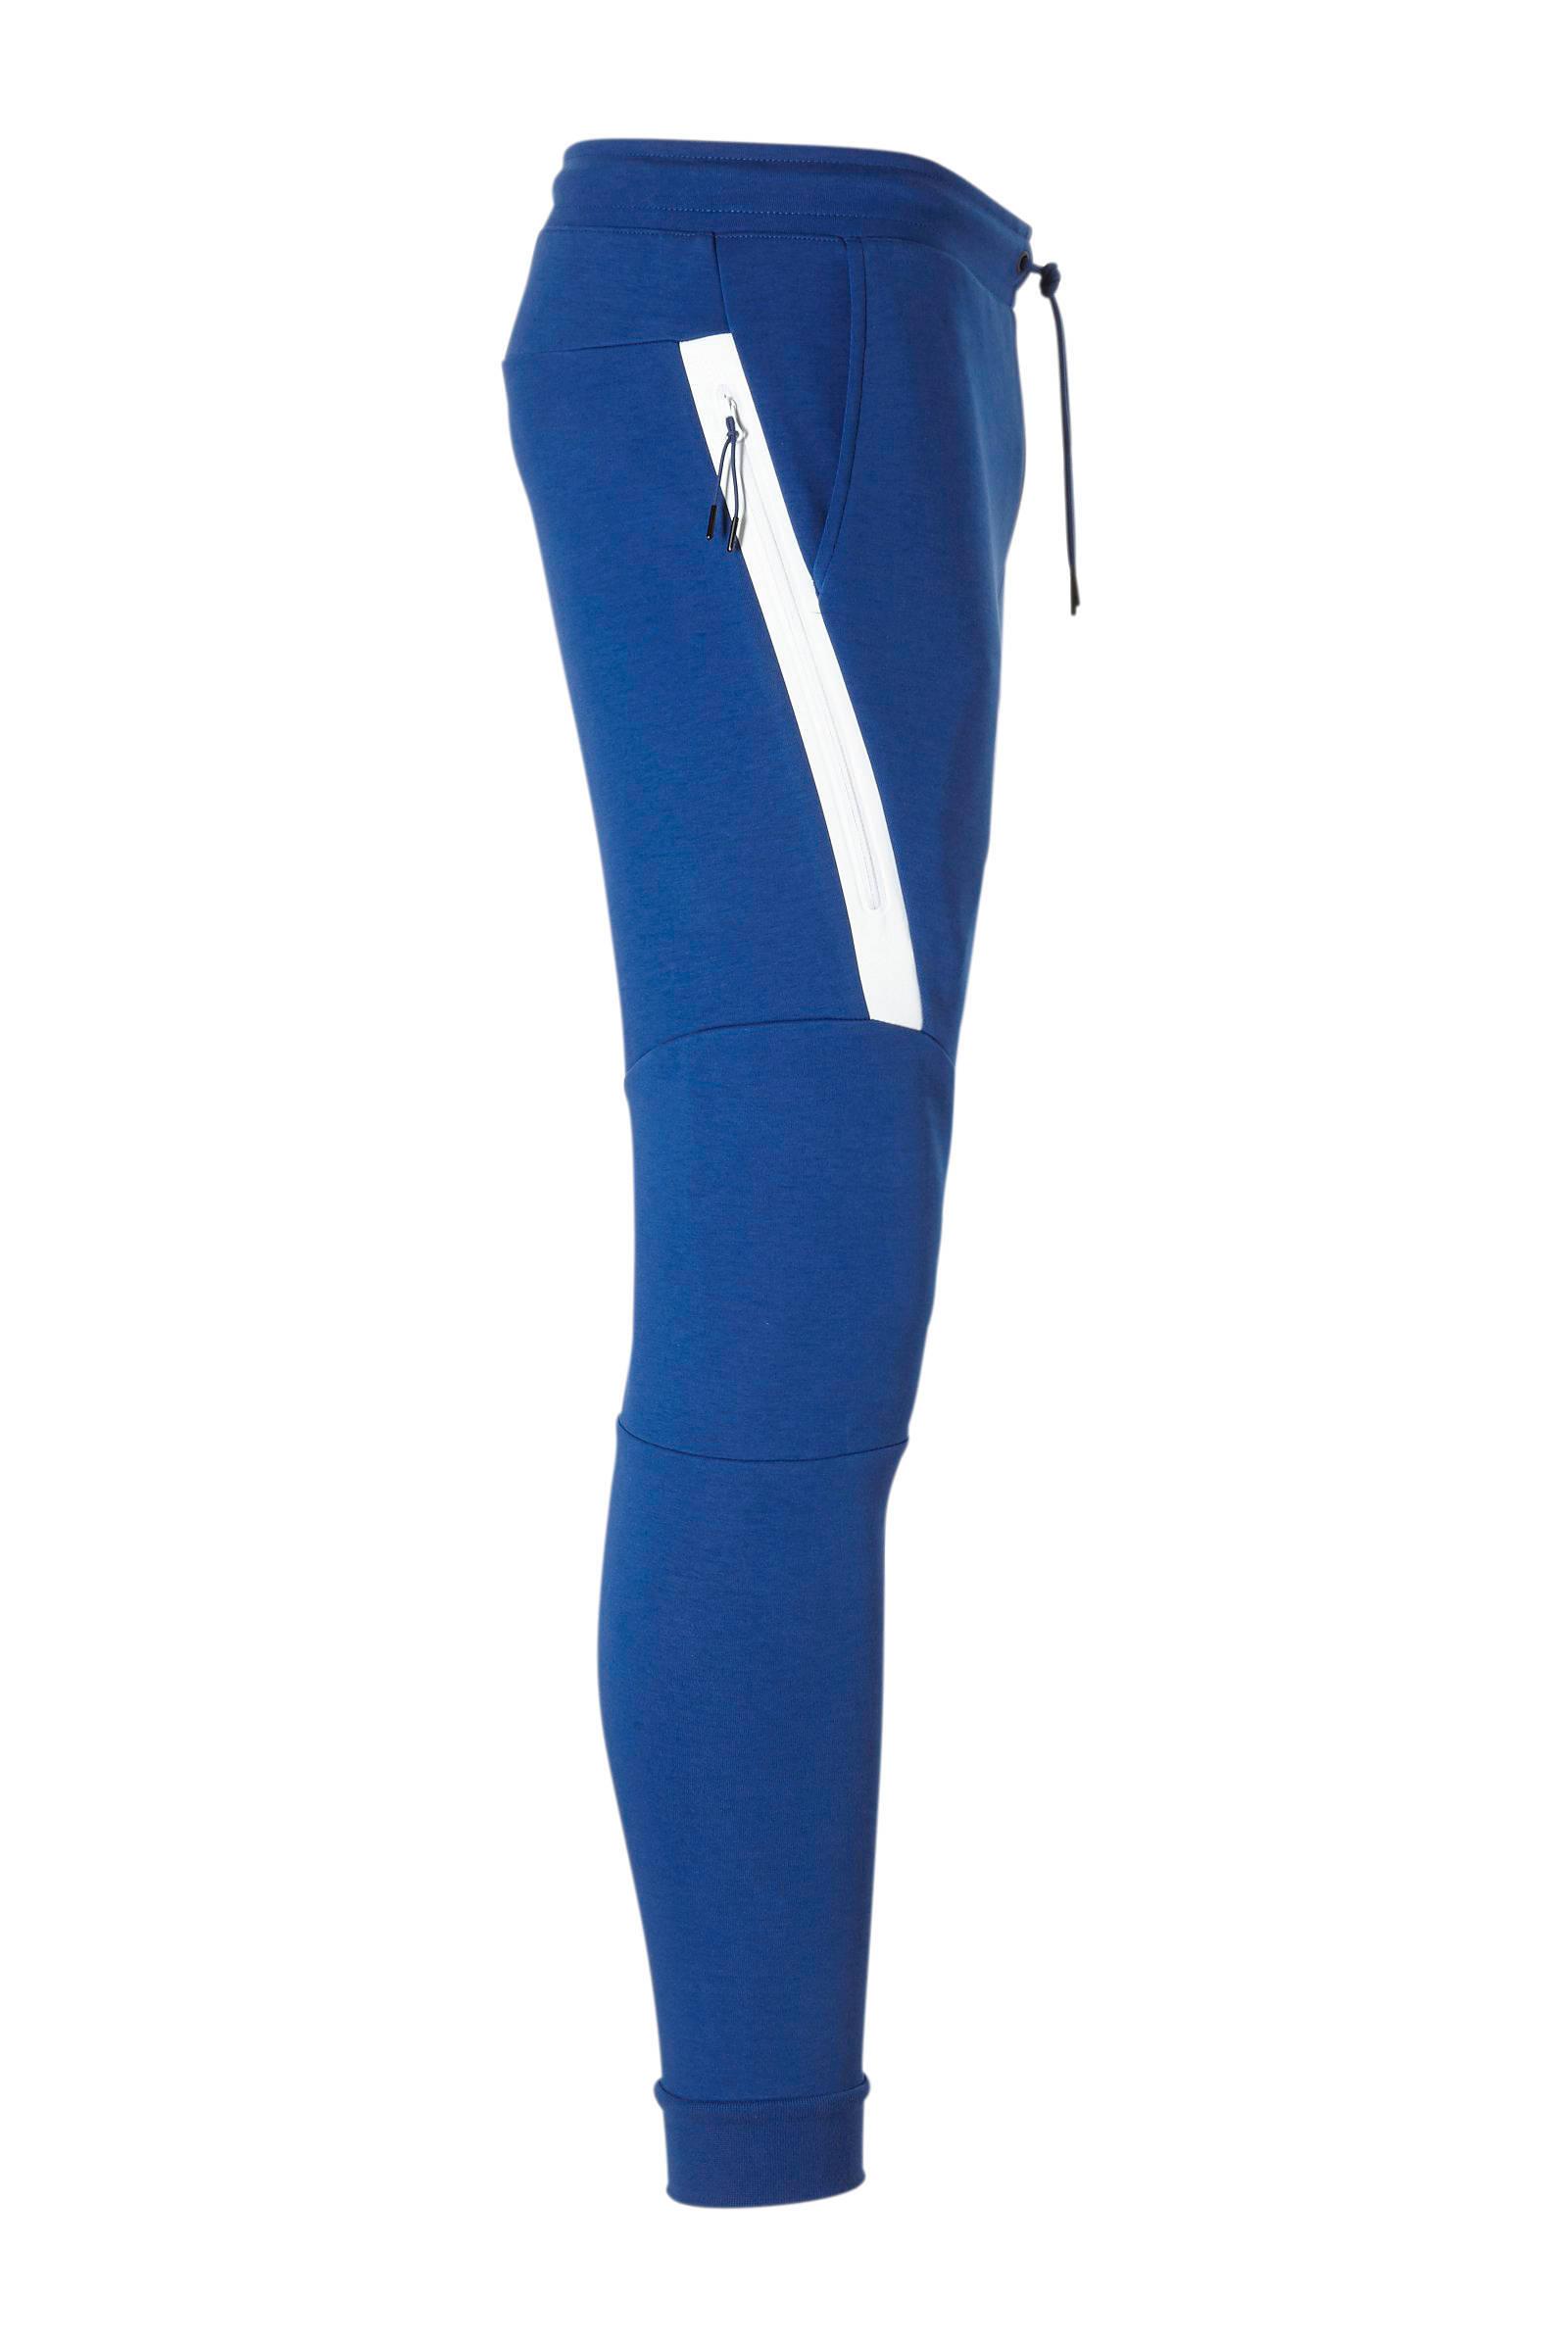 Nike Tech Fleece slim fit joggingbroek met logo blauw | wehkamp